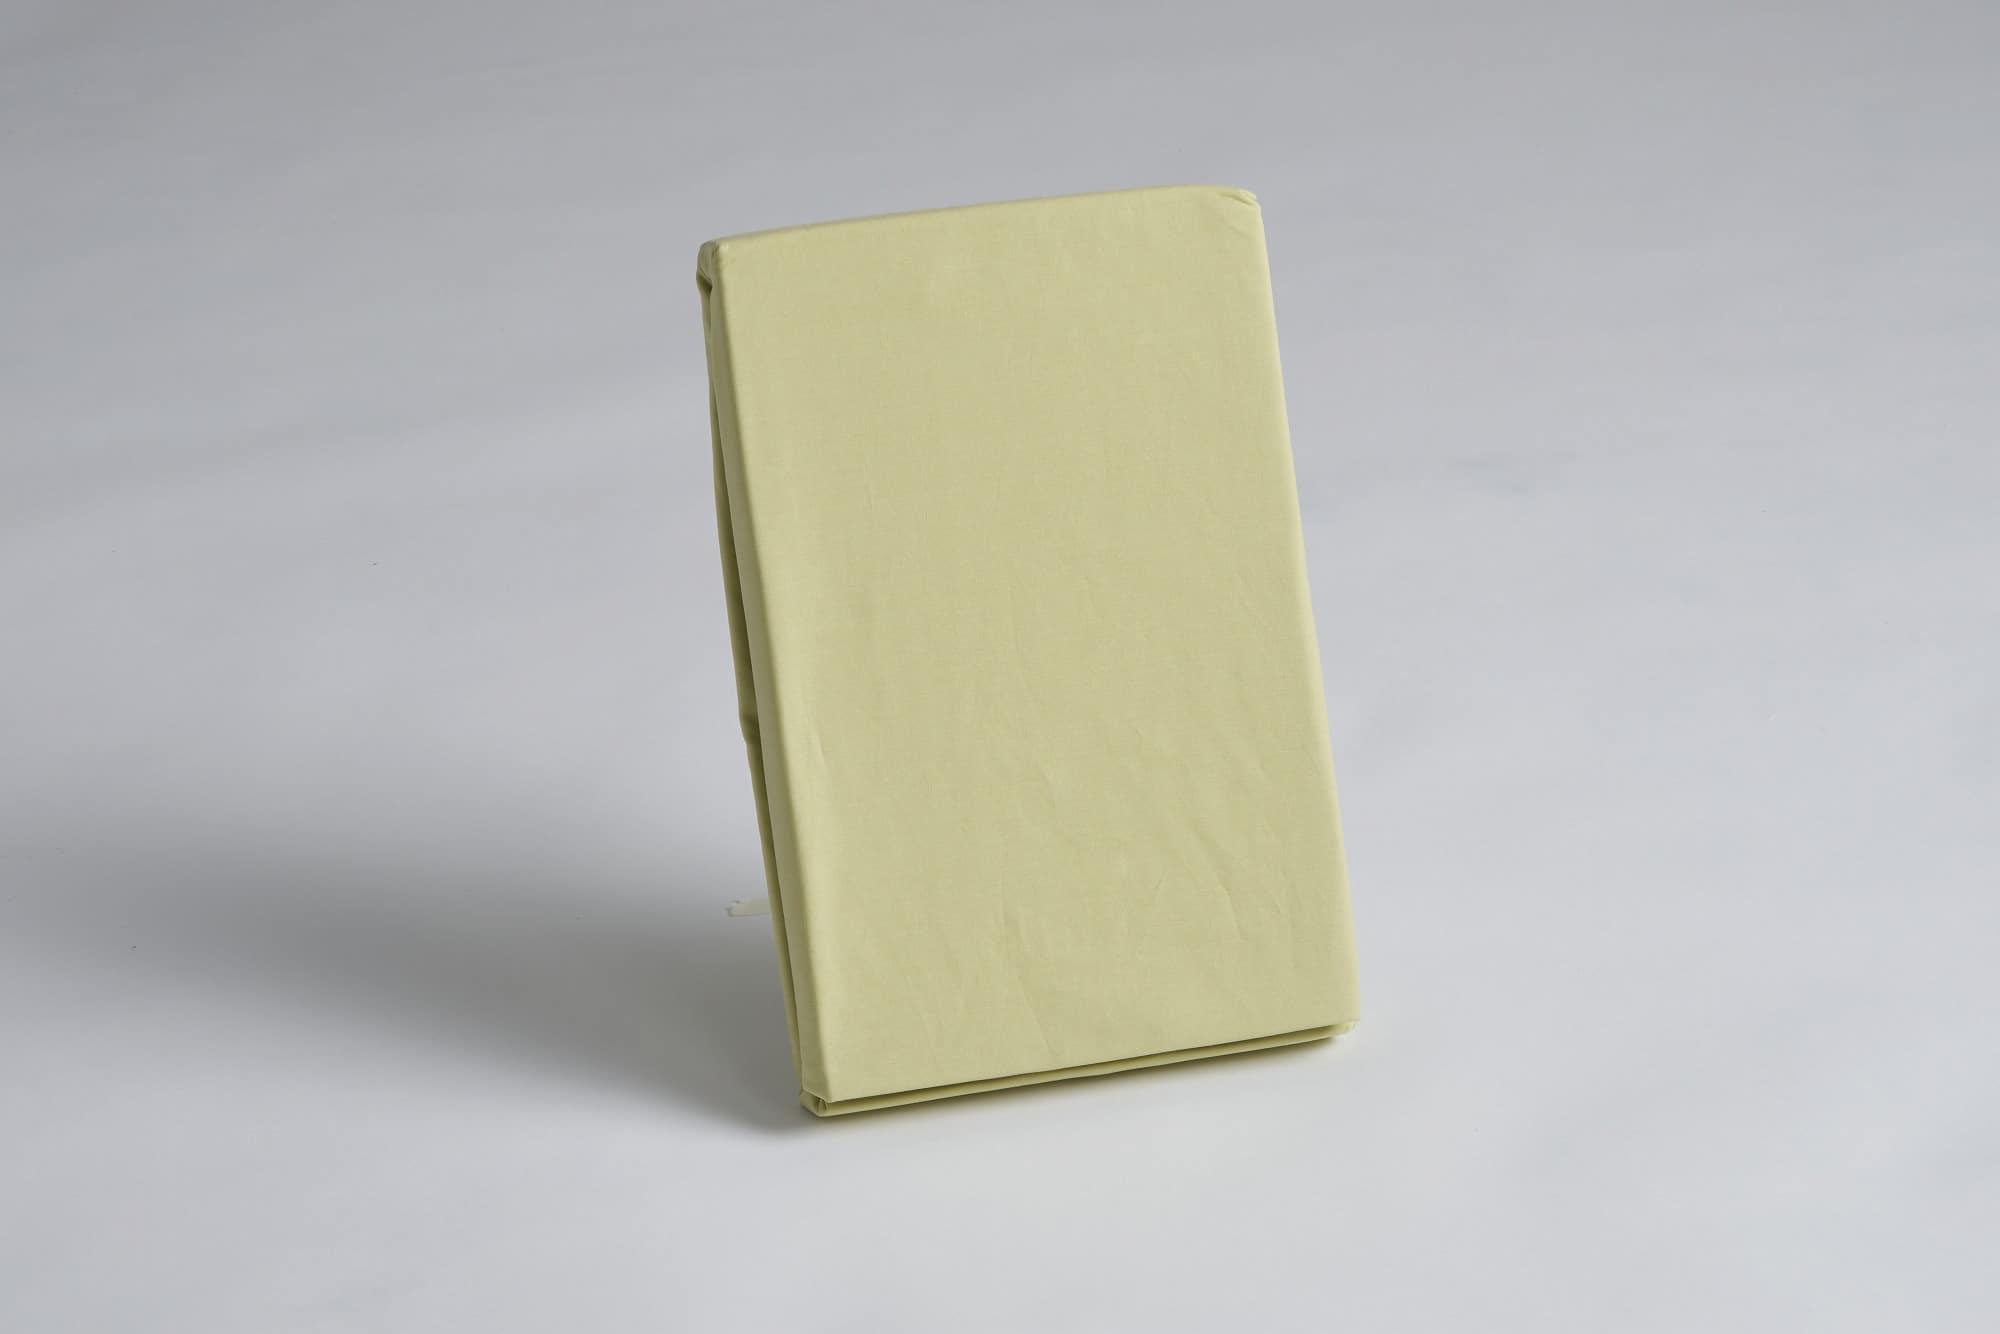 ボックスシーツ セミダブル用 30H グリーン:《綿100%を使用したボックスシーツ》